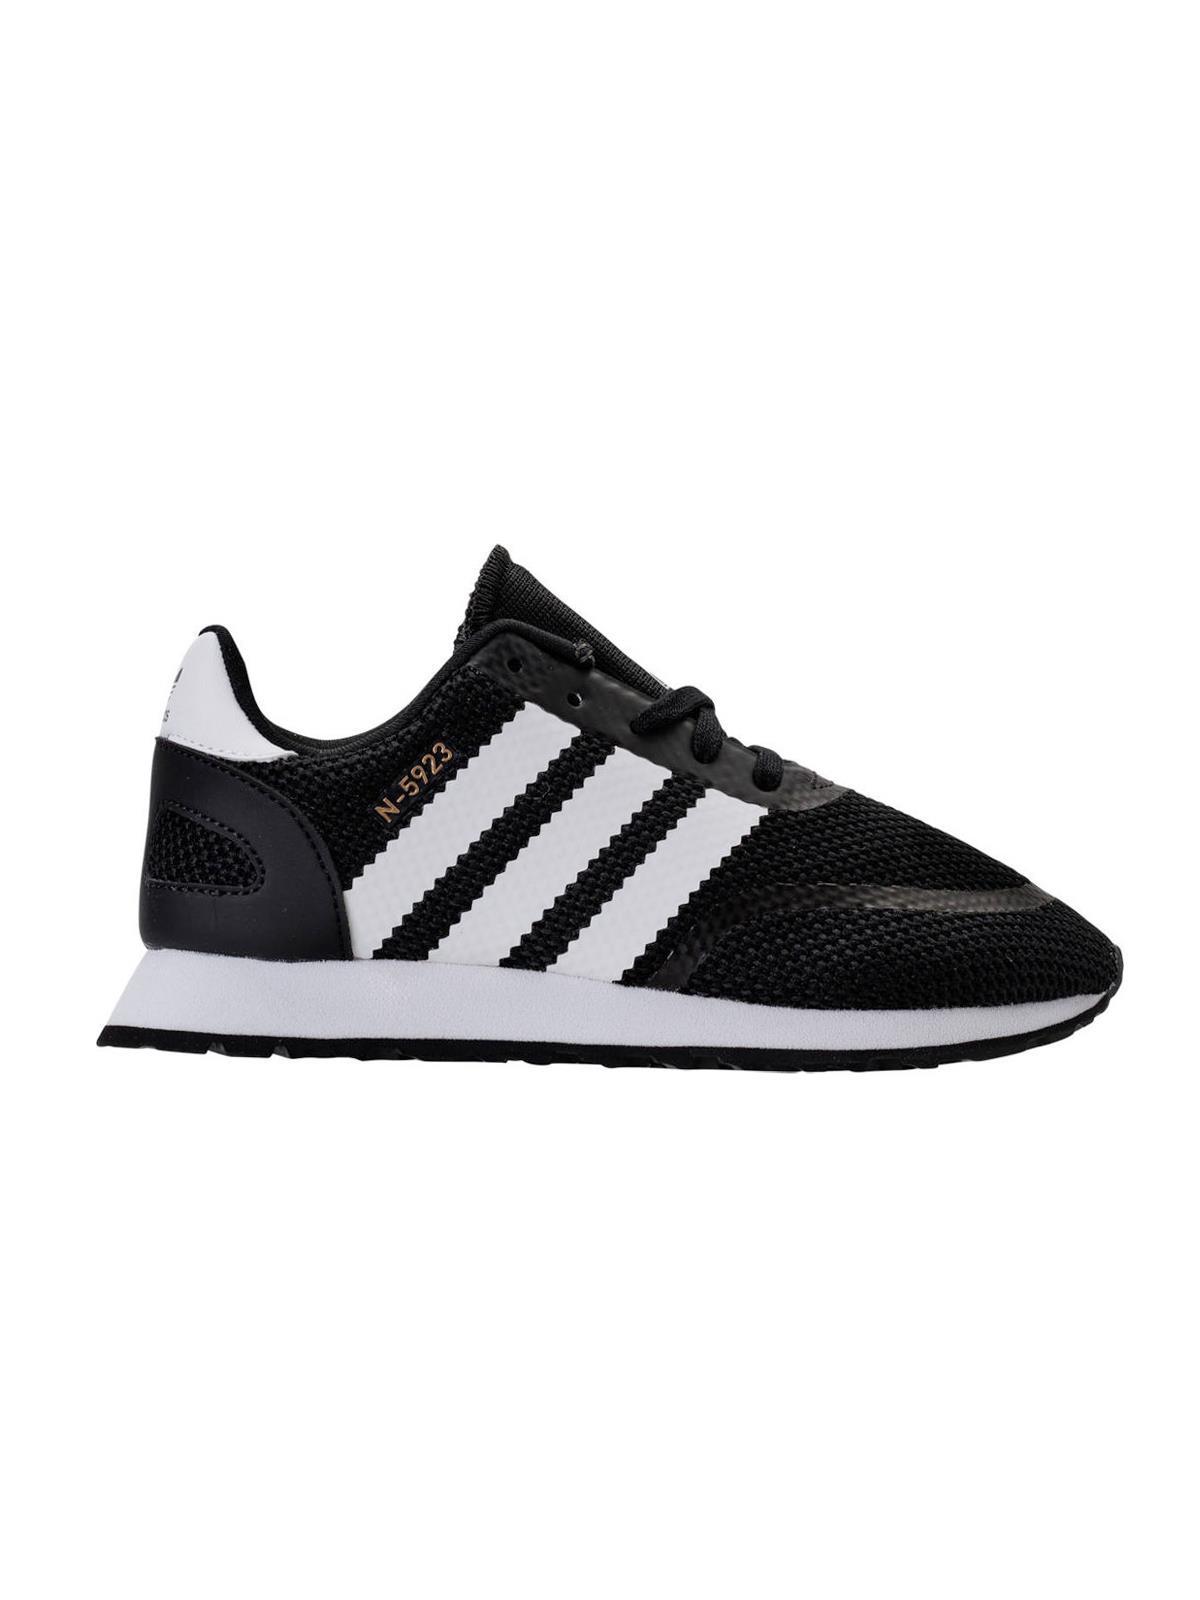 Adidas Originals N-5923 J - sneakers - bambina Almacenar Tienda De Descuento Despacho Buscando En Línea Para La Buena Línea TDuHICM3n